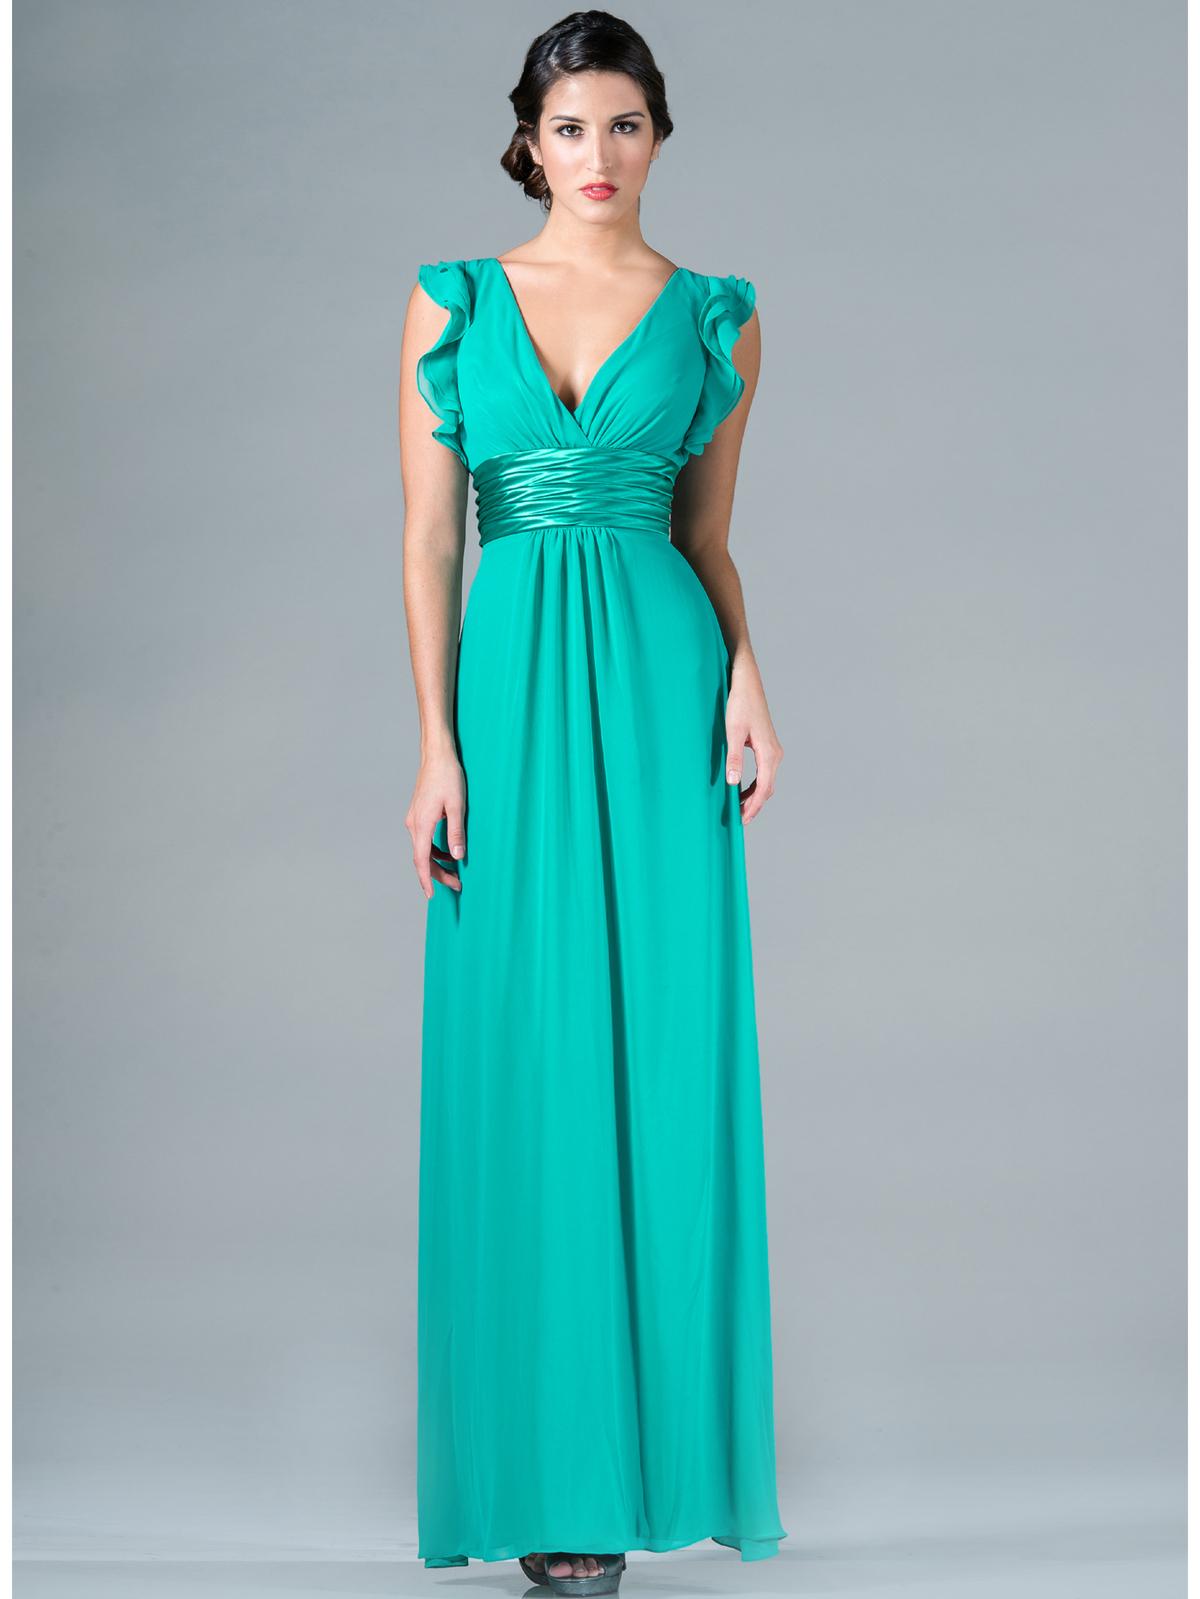 Satin Empire-Waist Evening Dress | Sung Boutique L.A.